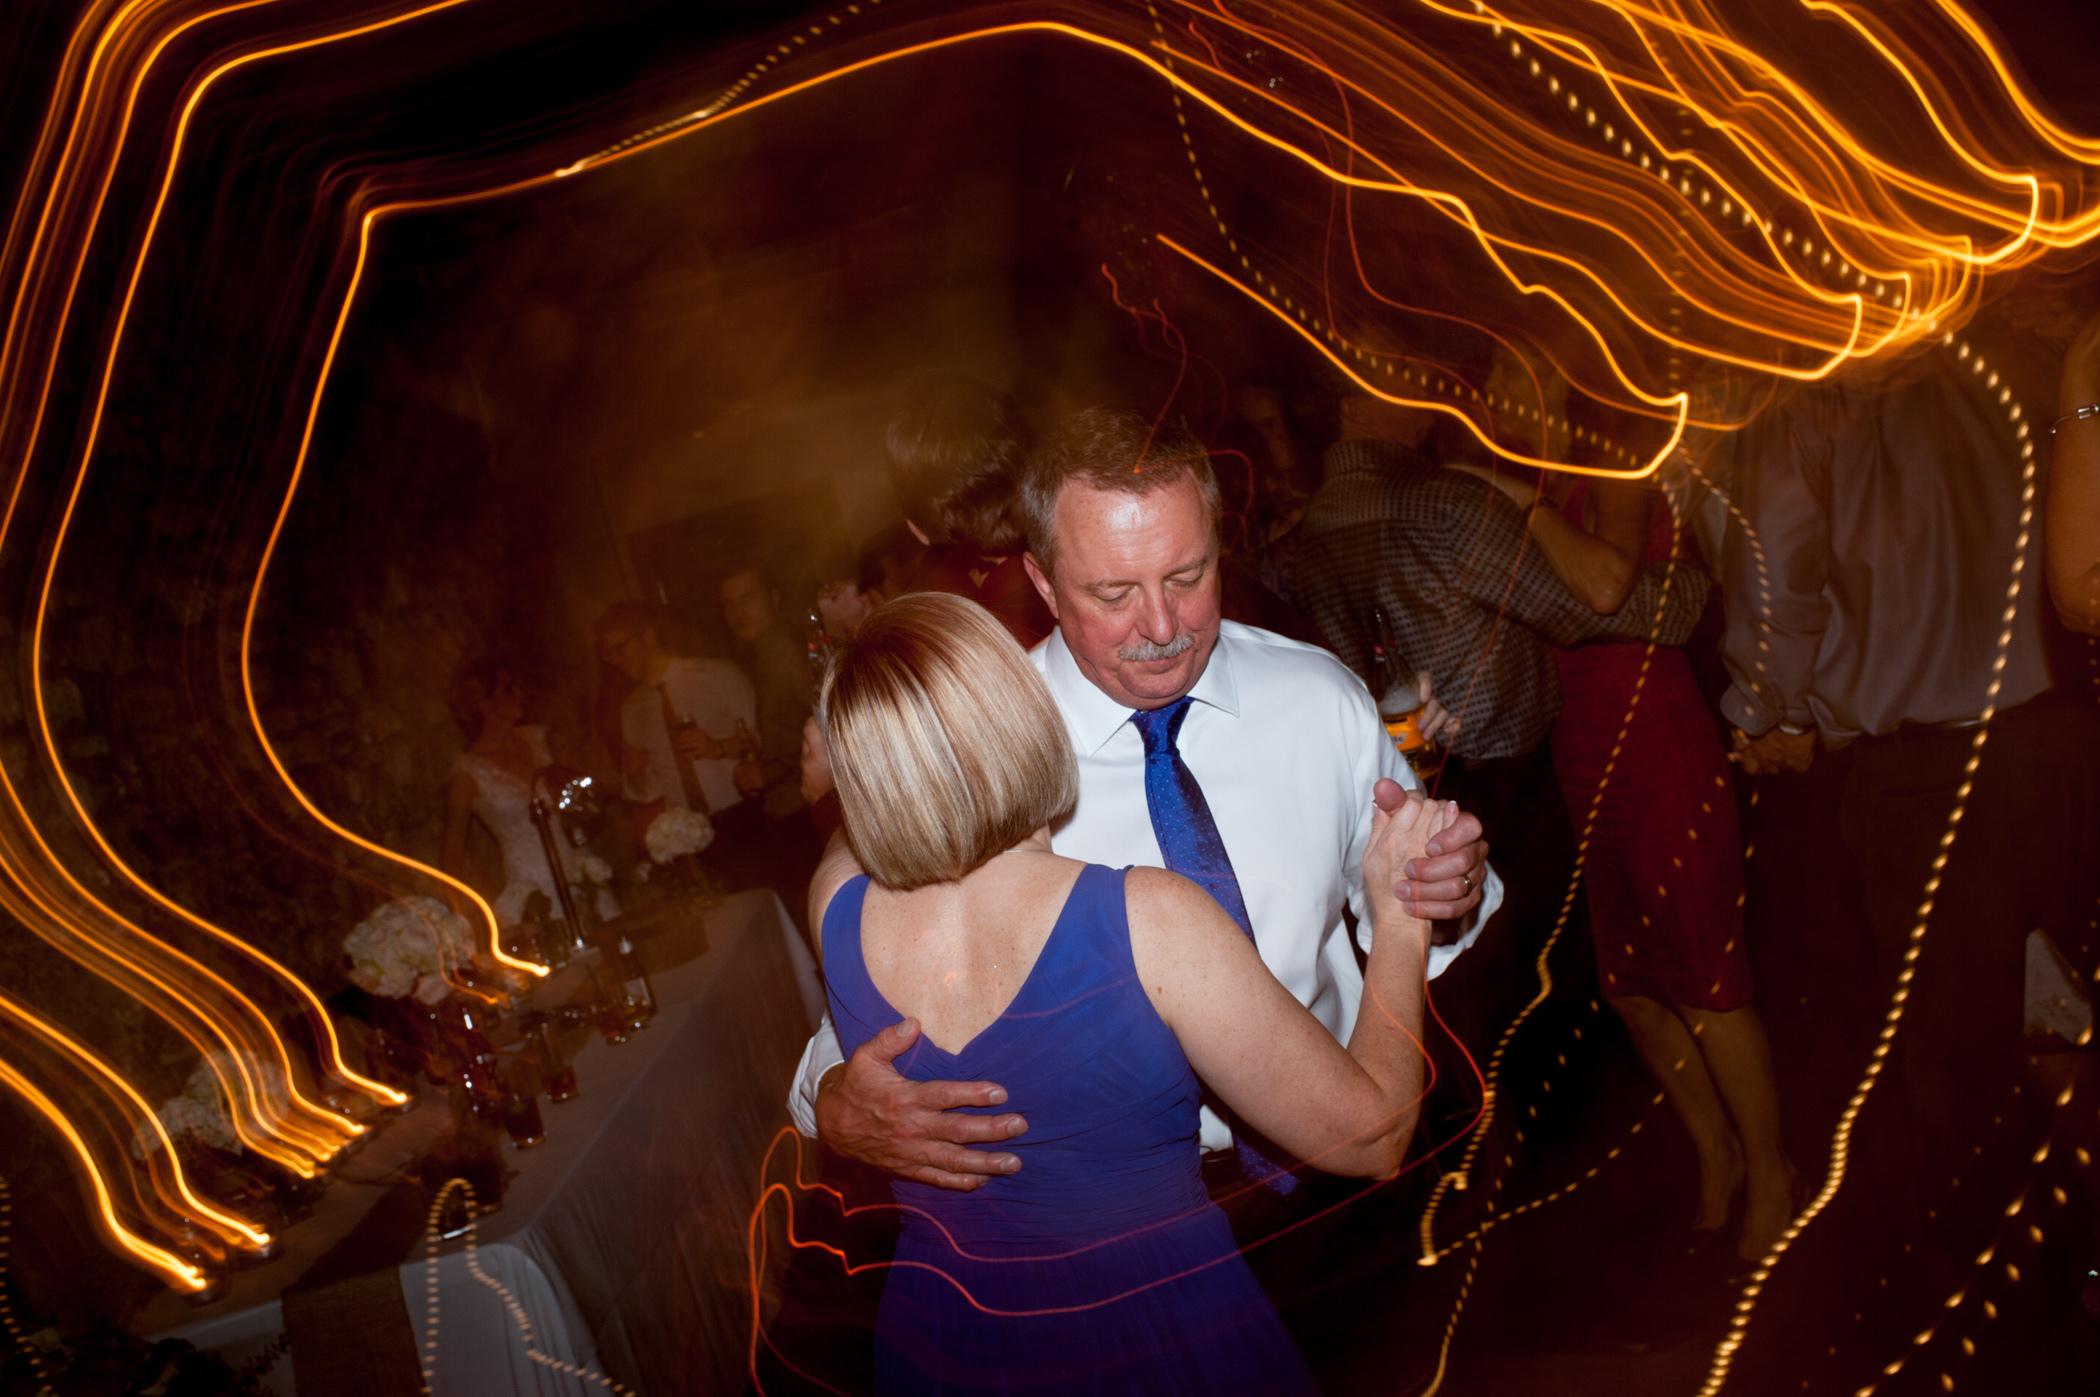 cambridge-wedding-photography-008.jpg